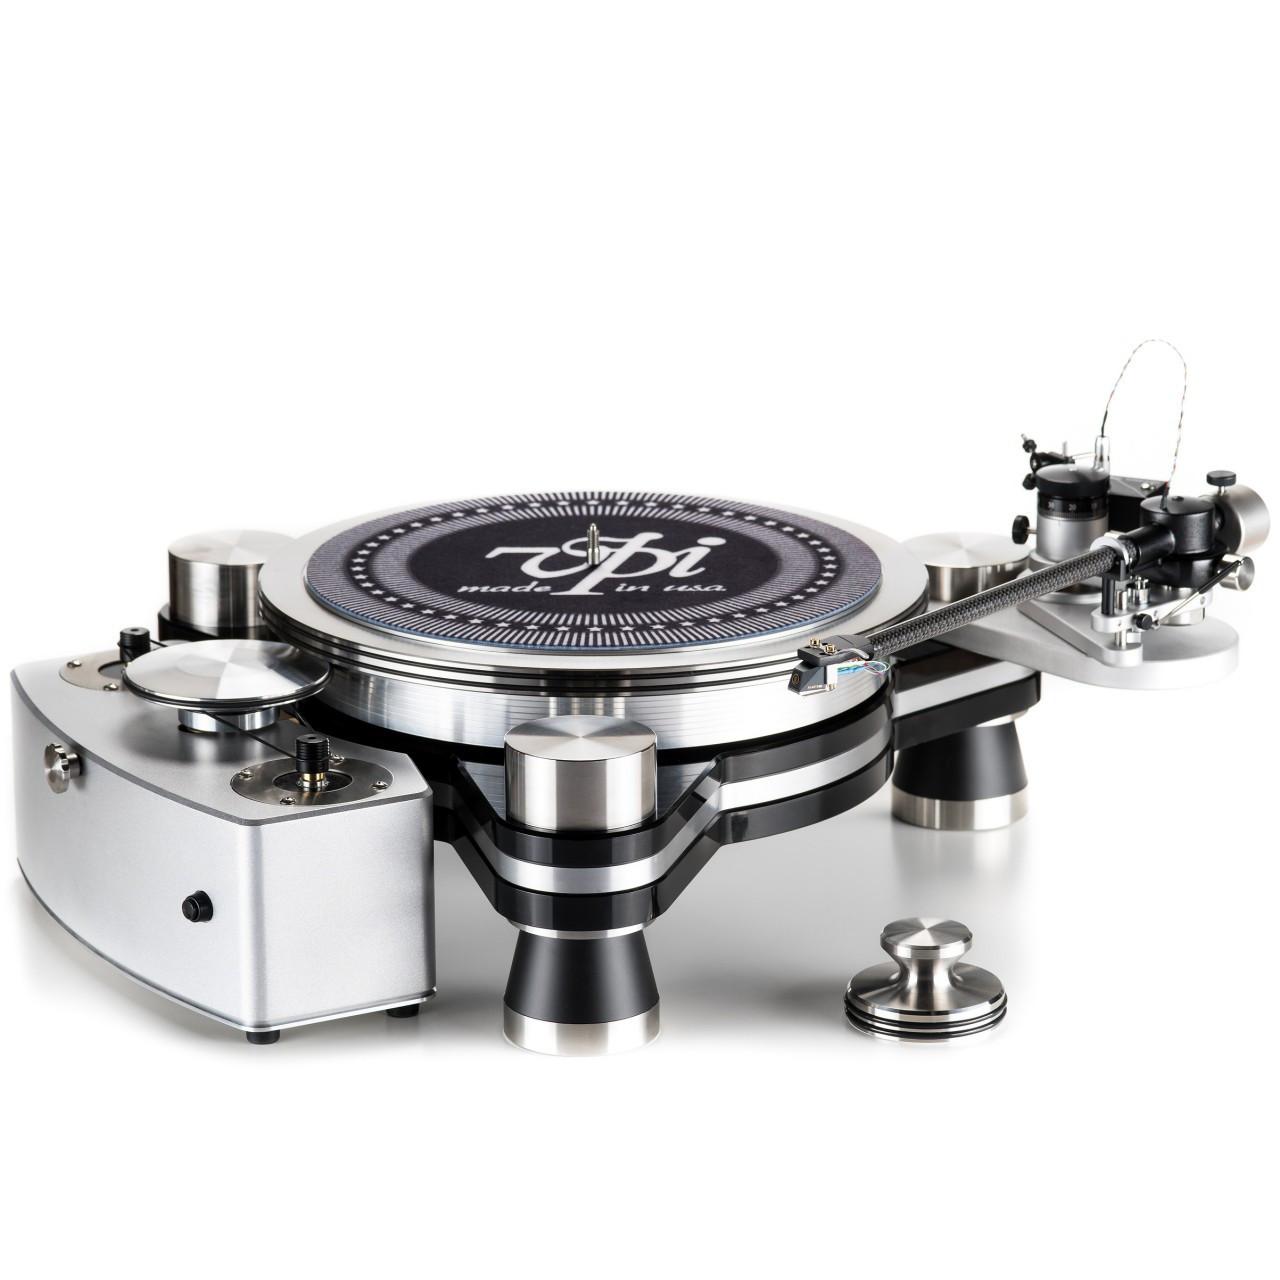 VPI Avenger Plus turntable